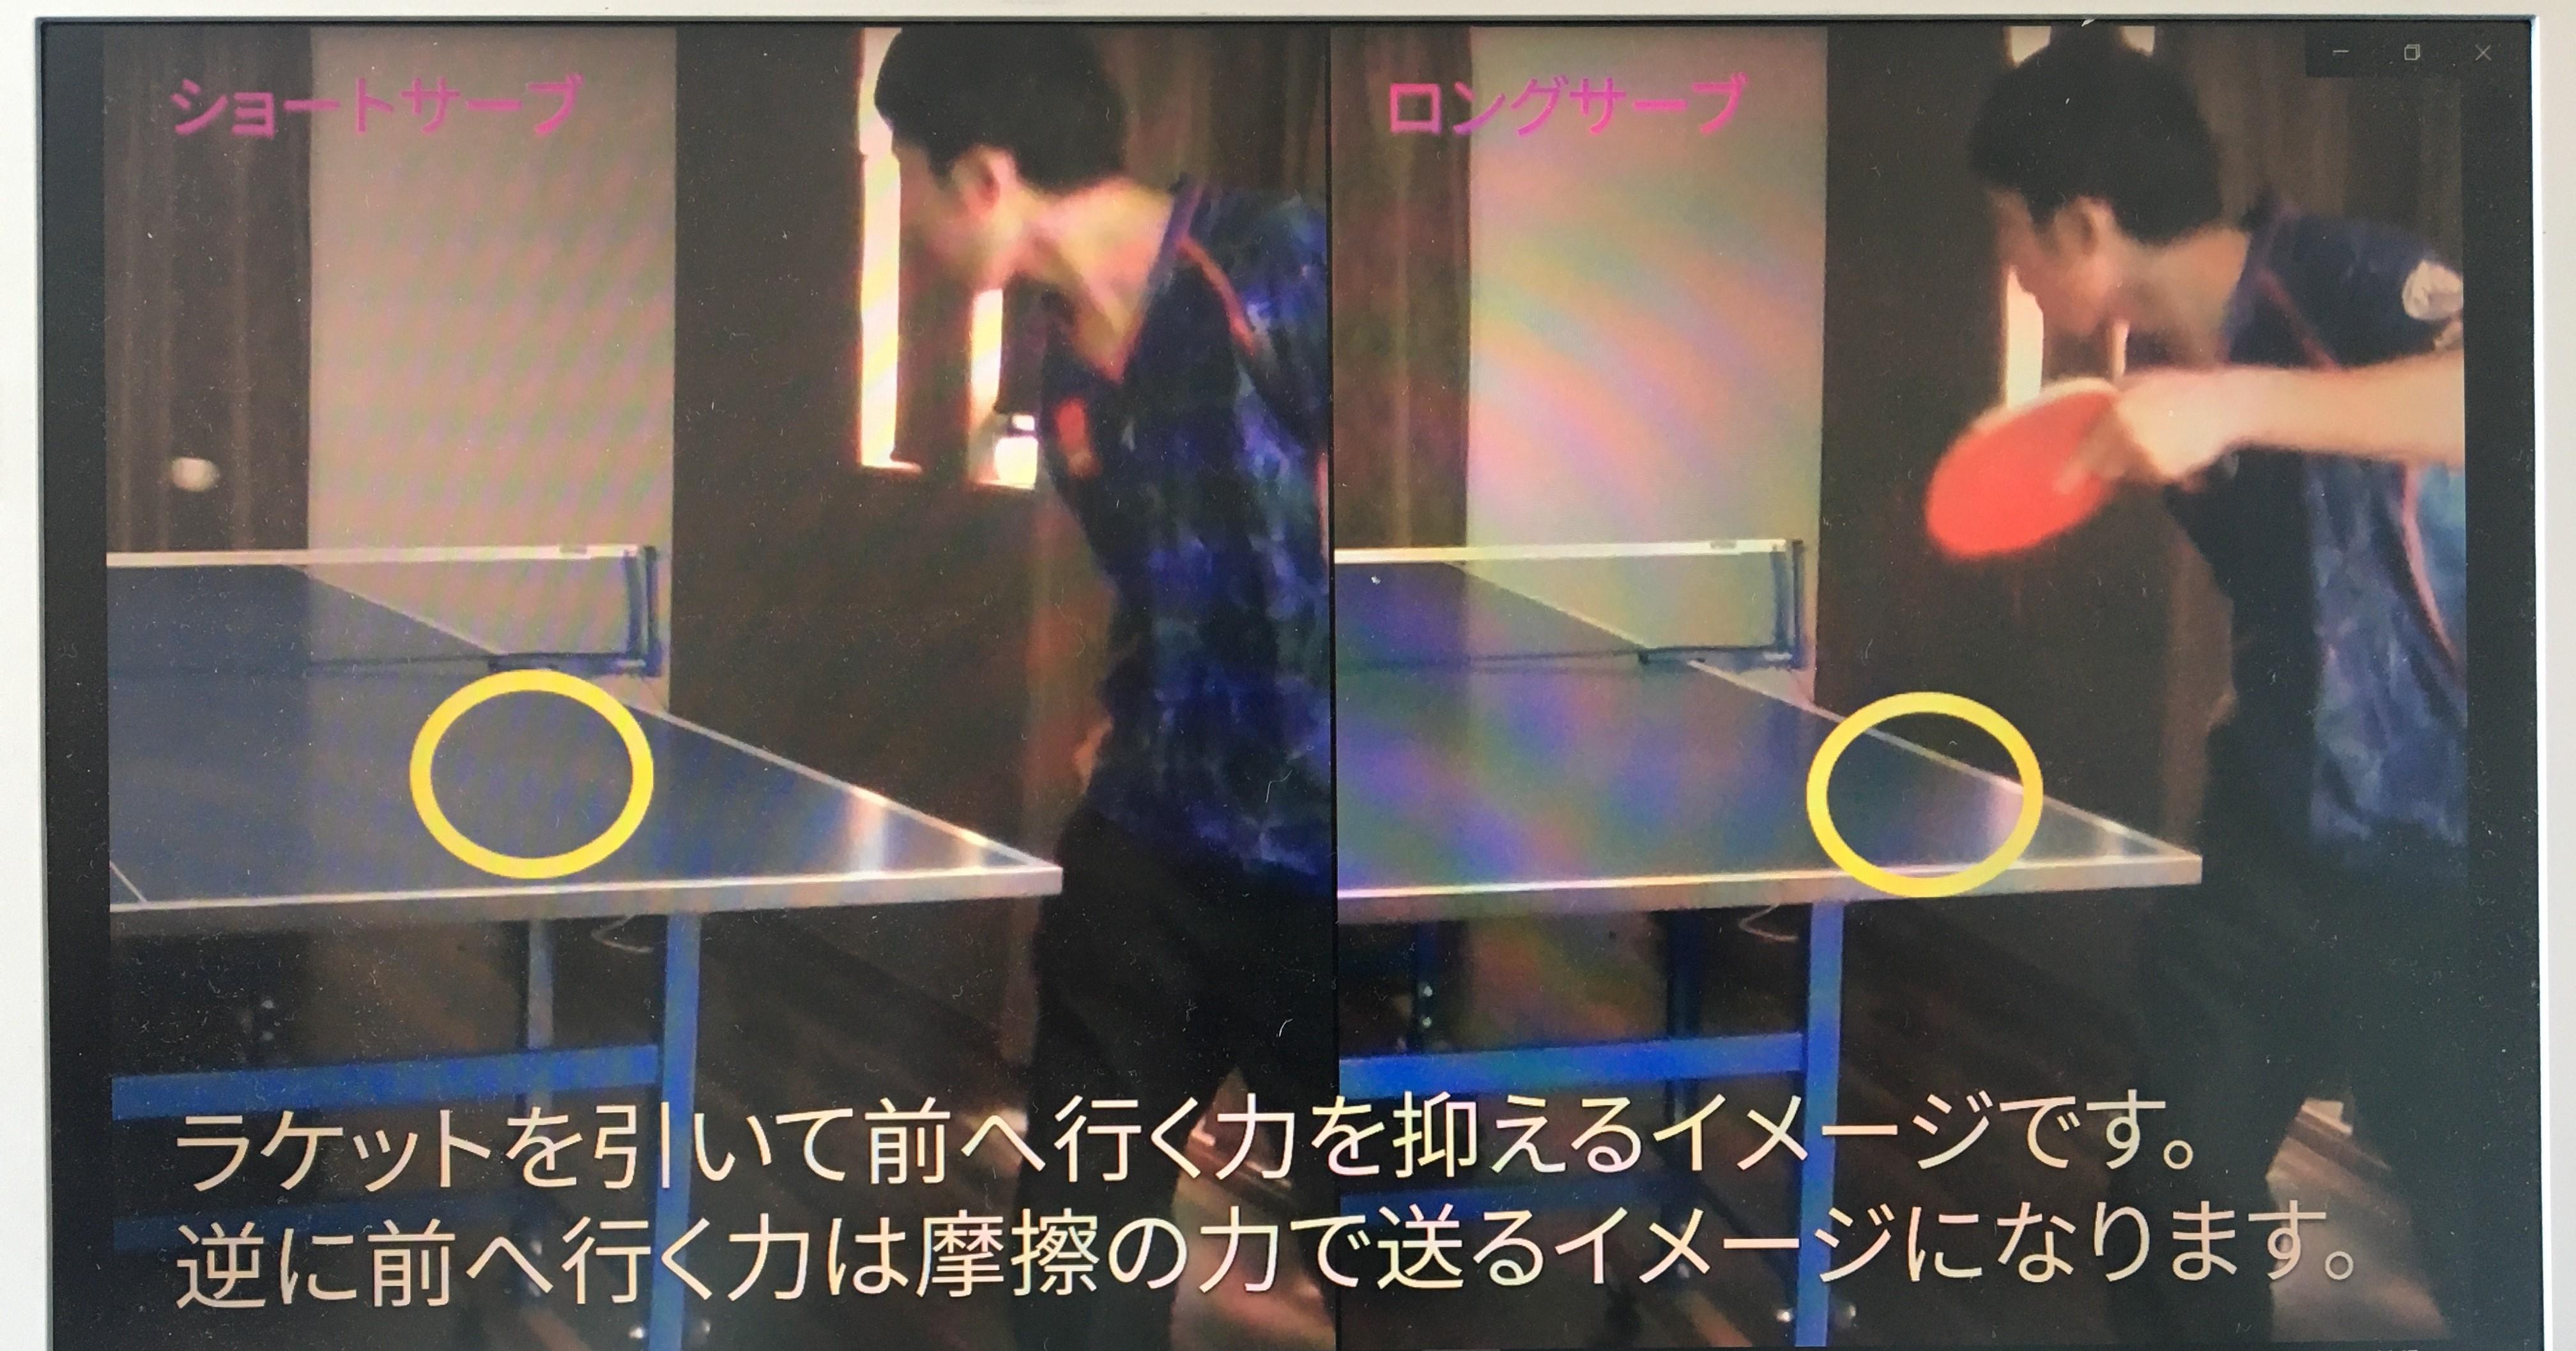 【卓球サーブ/動画】サーブ力を上げる